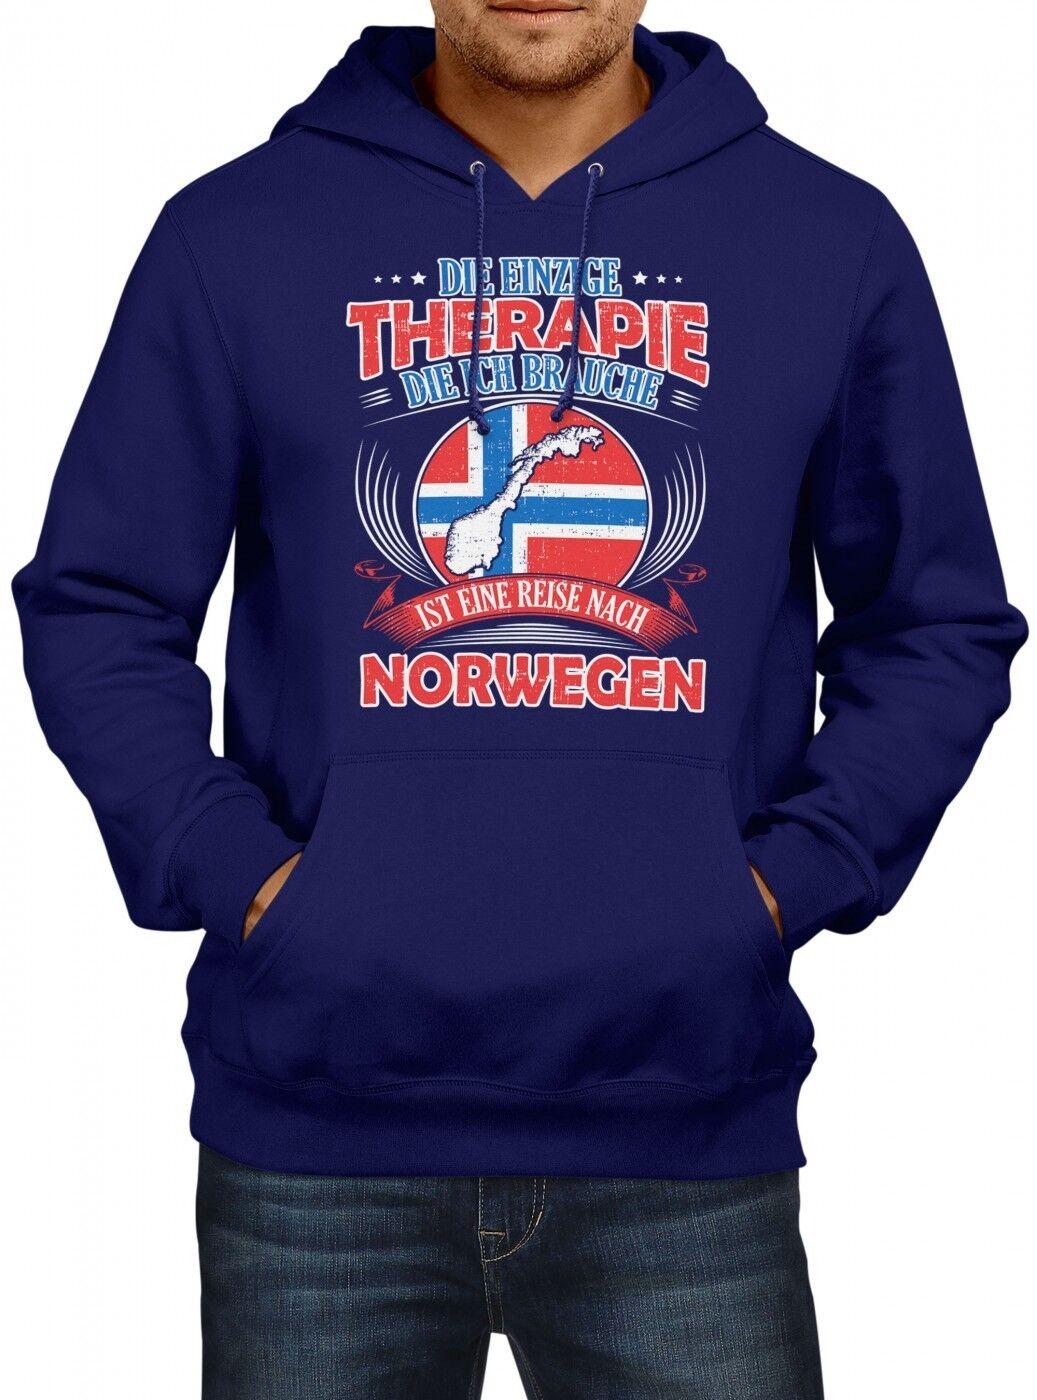 Norwegen Therapie Premium Hoody Reisen Urlaub Hoodies Land Land Land Herren Kapuzenpullove     | Spielzeugwelt, spielen Sie Ihre eigene Welt  | Elegant und feierlich  | ein guter Ruf in der Welt  | Ausgezeichnet  | Hervorragende Eigenschaften  cf6e90